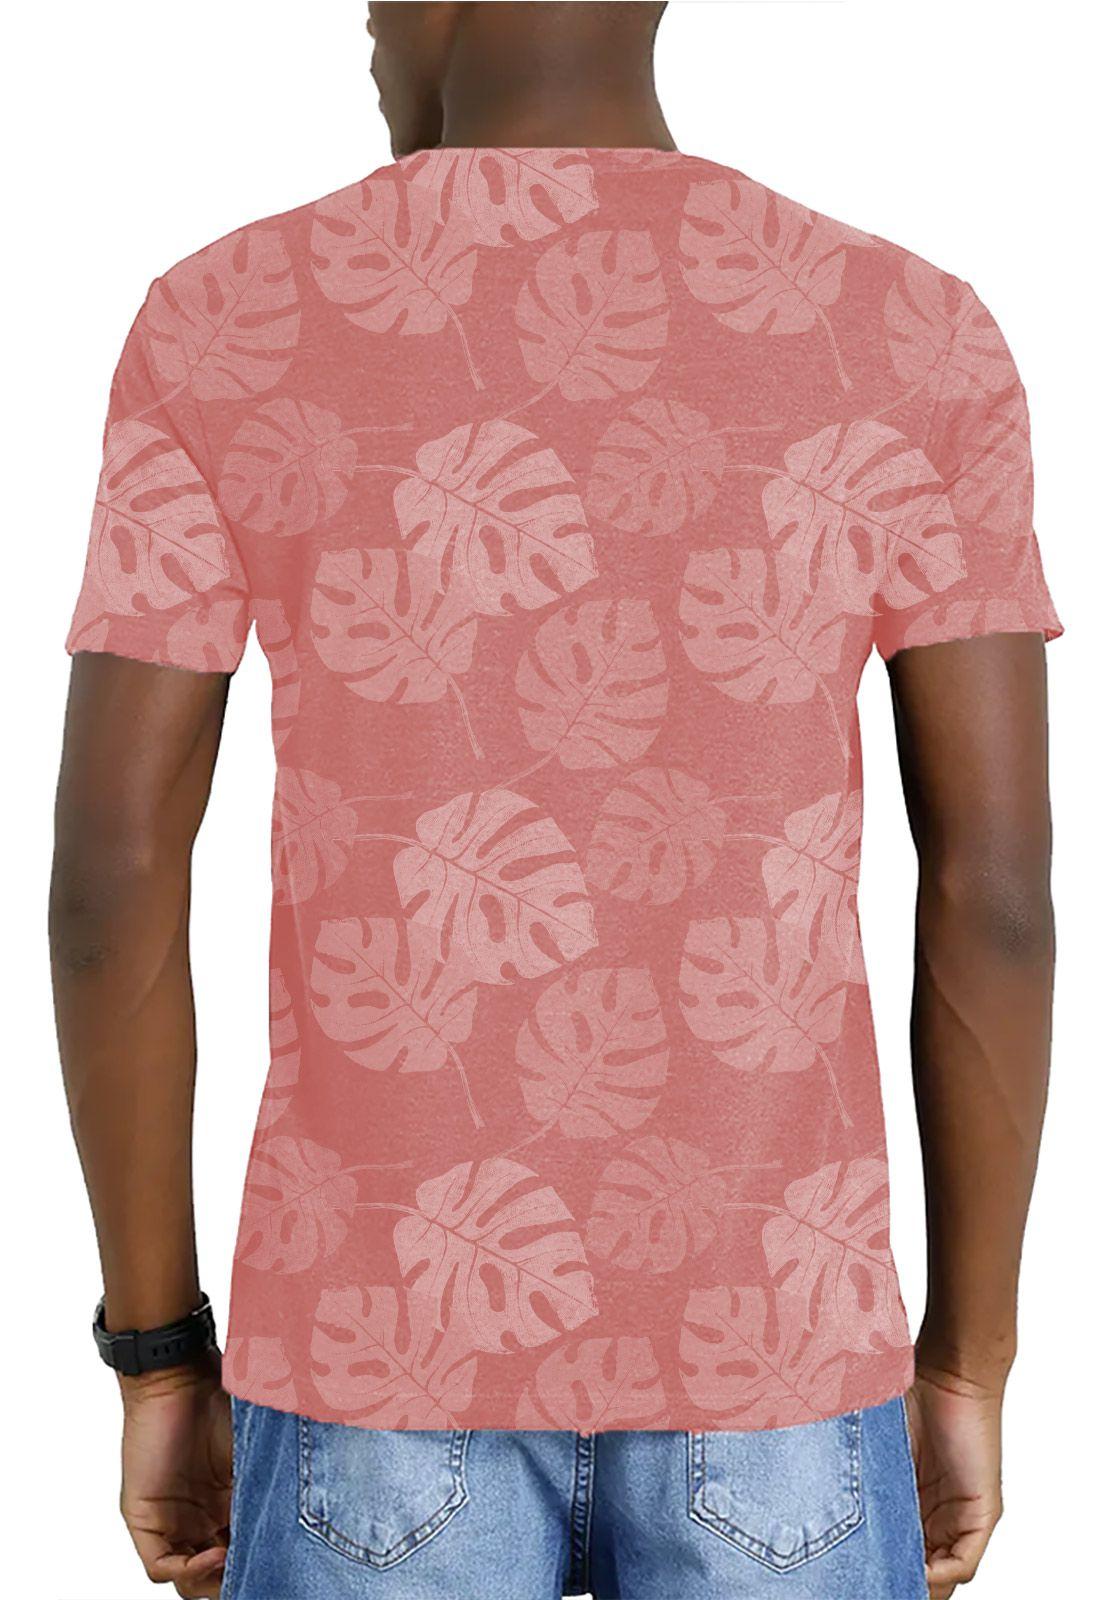 Camiseta Amazônia Garrafa Pet Corrido Costela de Adão - Salmão